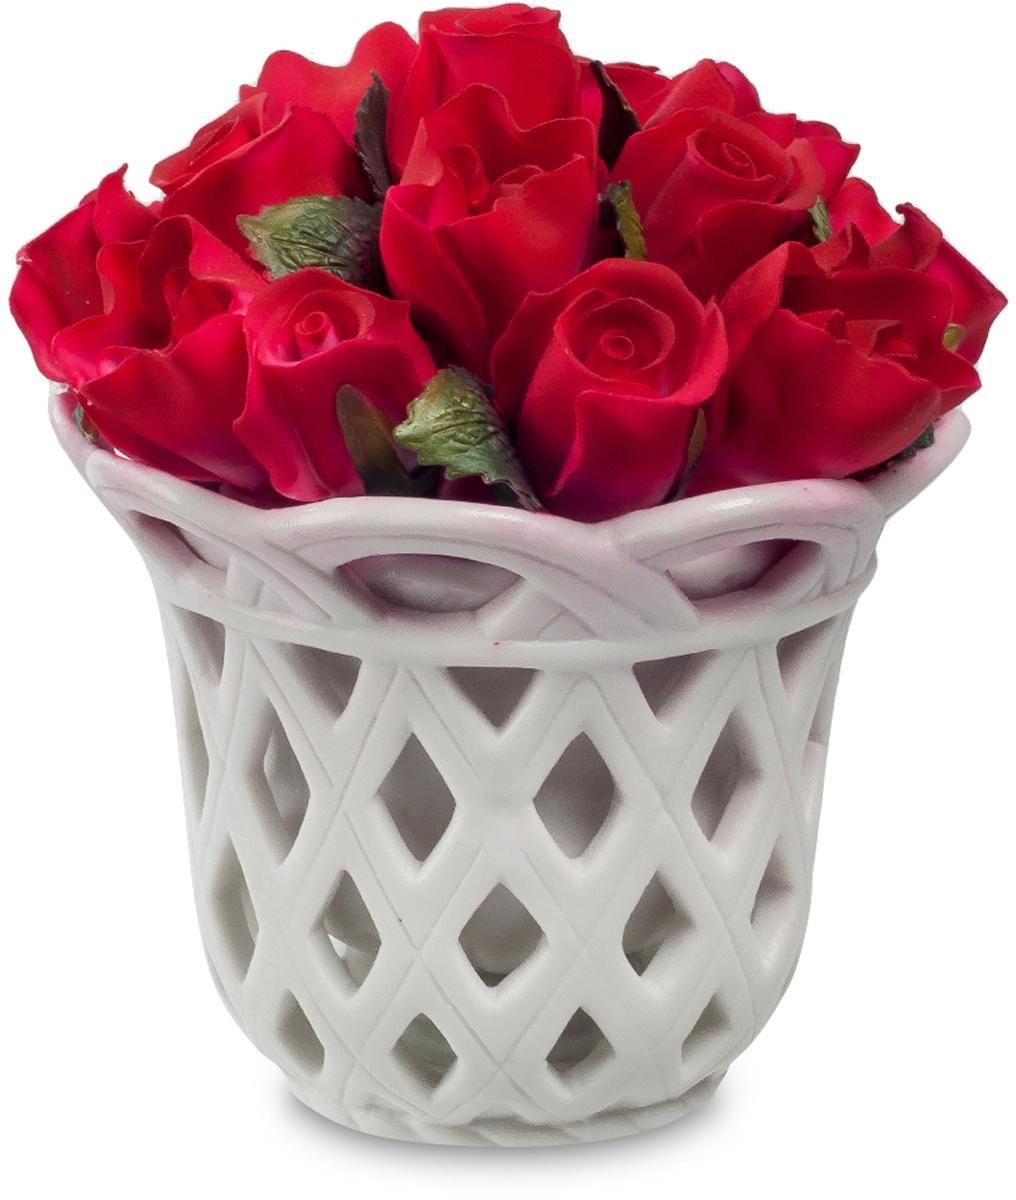 Композиция декоративная Pavone Цветочная корзина, высота 11,5 смTHN132NДекоративная композиция Pavone Цветочная корзина, выполненная из высококачественного фарфора, представляет собой букет алых роз в белоснежной вазе. Композиция Pavone Цветочная корзина- изделие с высокой степенью выразительности и декоративности, включающая в себя элементы, которые усиливают ее эмоционально-чувственное восприятие. От латинского decoro - украшаю. То есть декоративная композиция ставит своей целью украшать предметы, интерьер, элементы одежды и прочее. Также изделие станет отличным подарком.